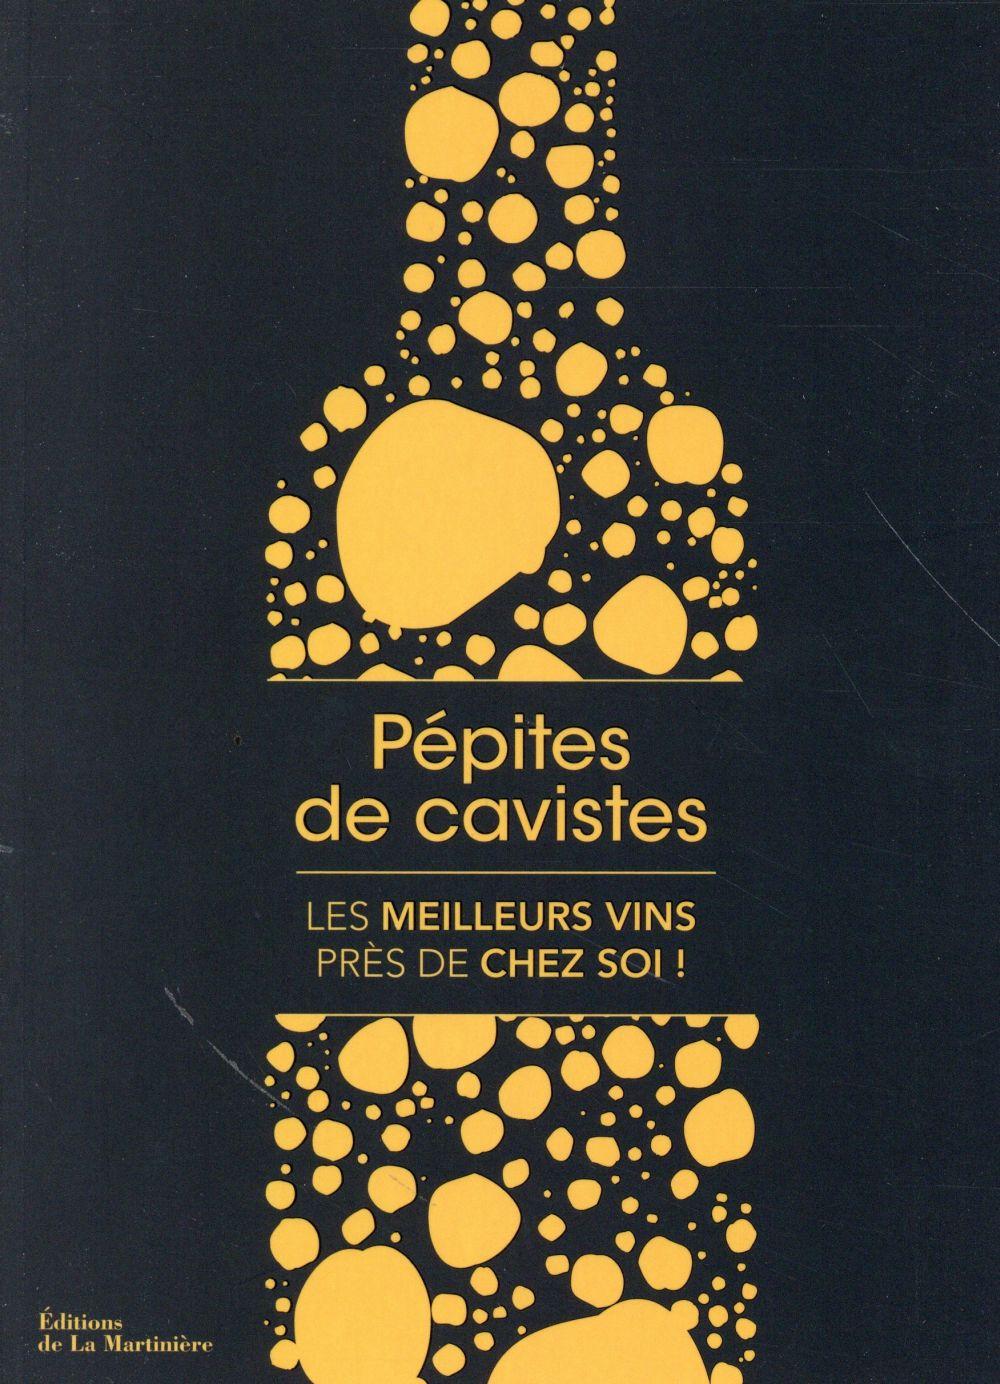 PEPITES DE CAVISTES  -  LES MEILLEURS VINS PRES DE CHEZ SOI JEGU PIERRICK La Martinière